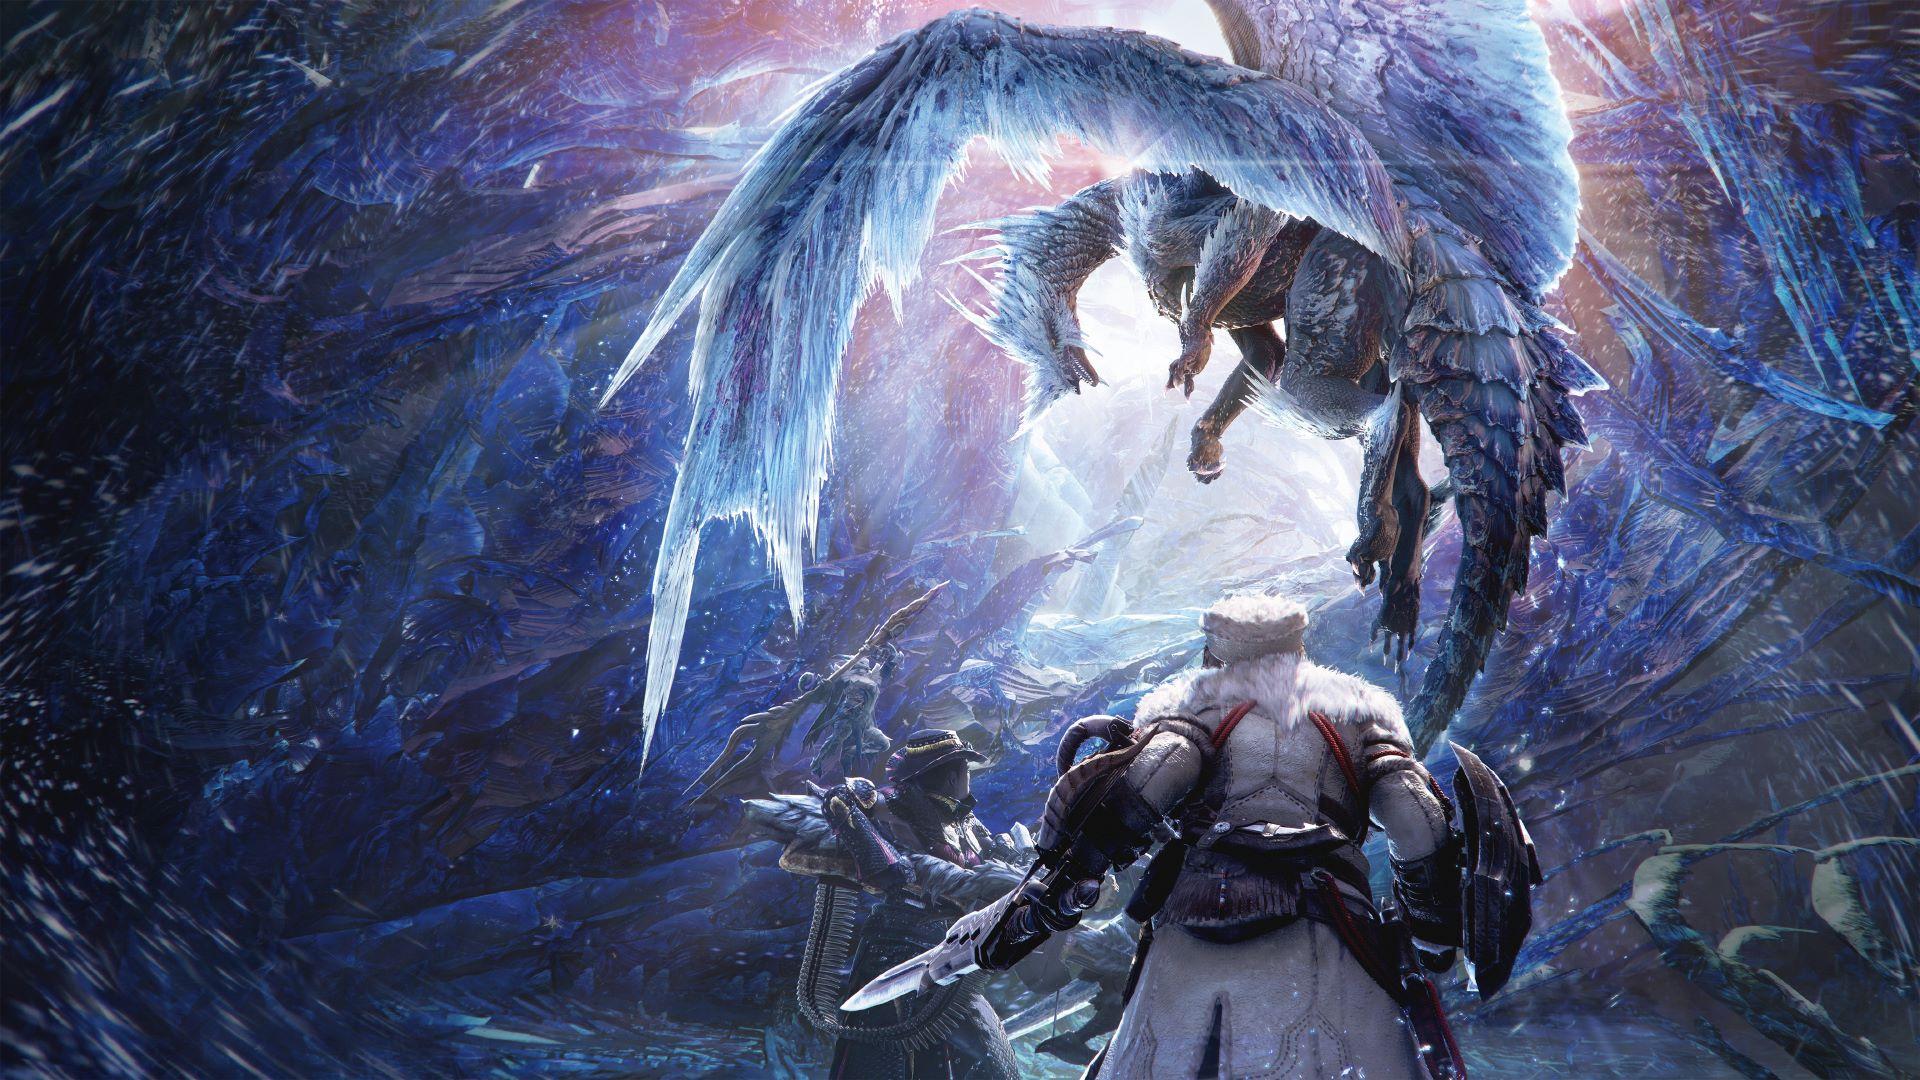 New Releases in January, Monster Hunter World: Iceborne